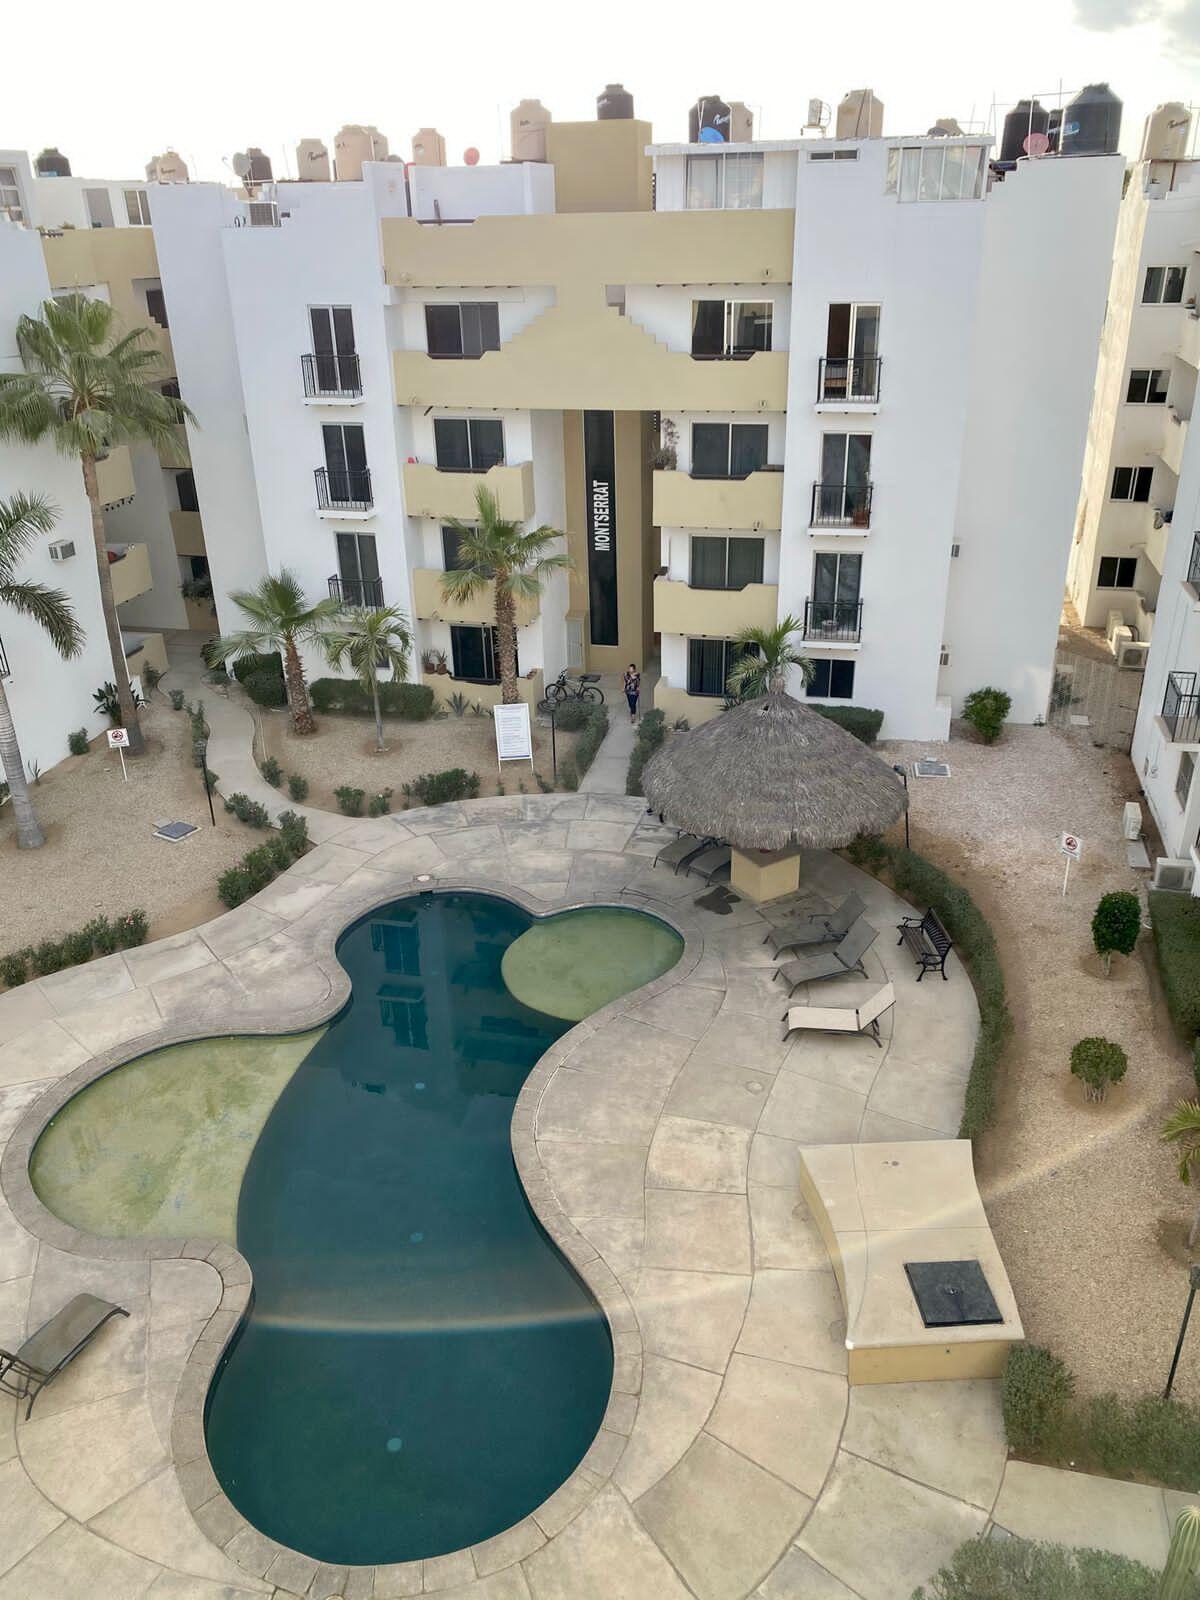 Penthouse, terraza, cuarto de servicio privado, balcon, bodega y super centrico, cuenta con seguridad 24/7, acceso controlado con tarjeta, area de alberca con palapa y camastros, ideal para rentas por Airbnb, 4to piso con elevador panoramico.